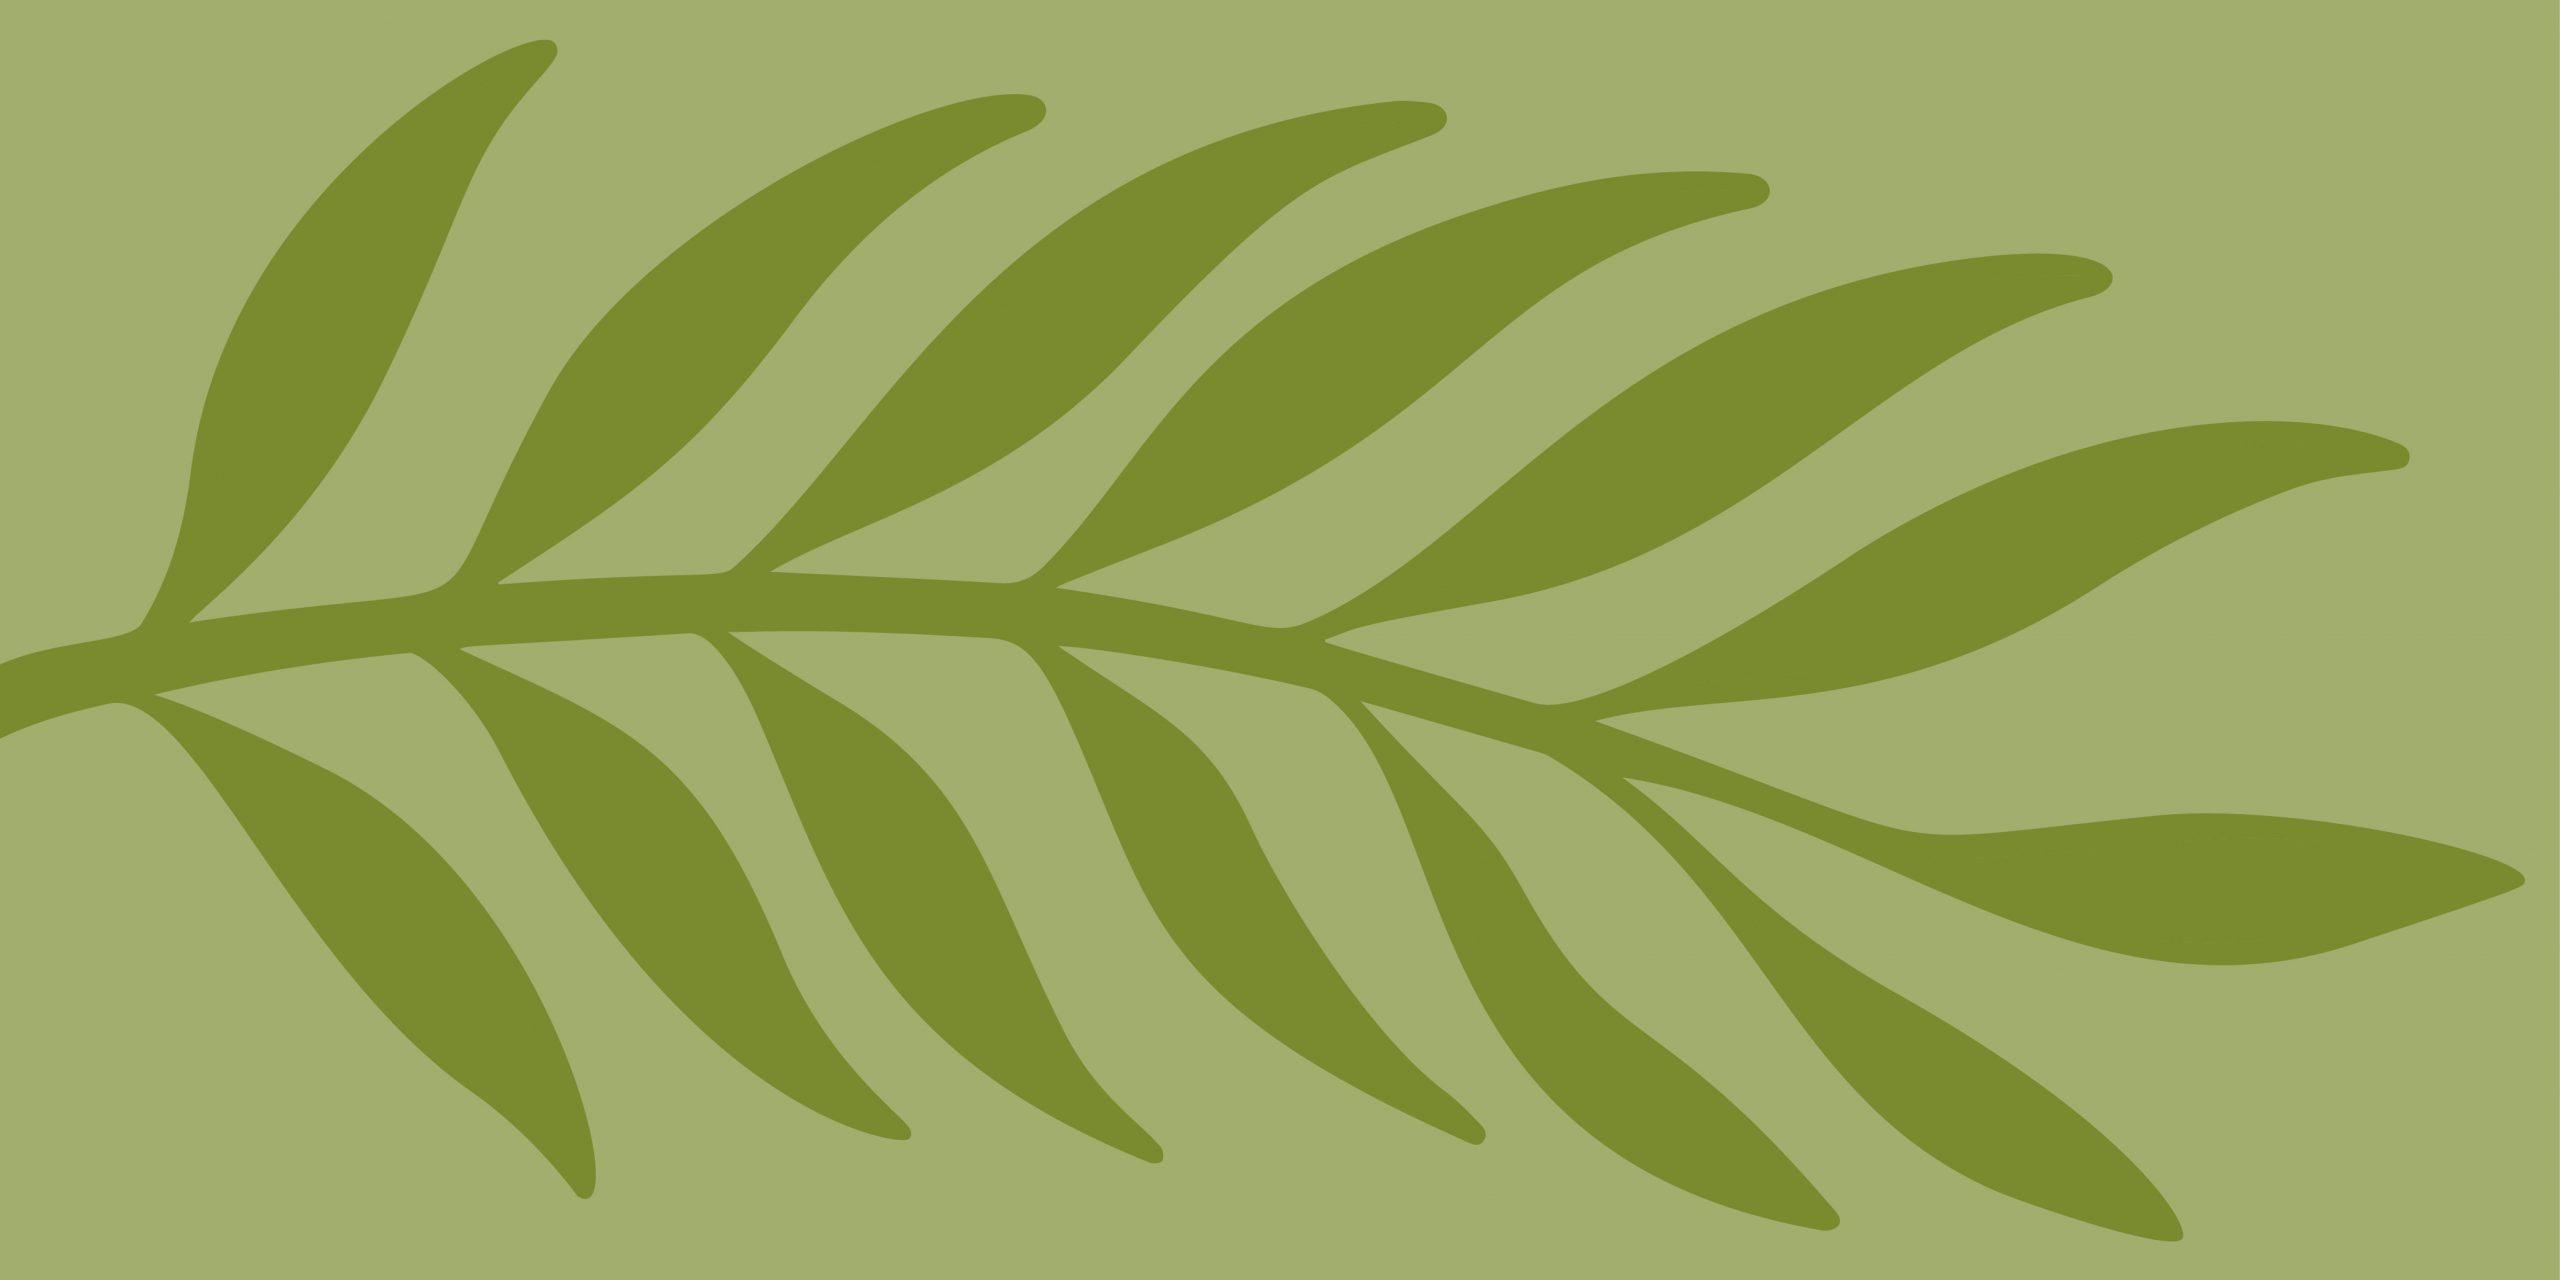 EthnoMed Leaf Graphic